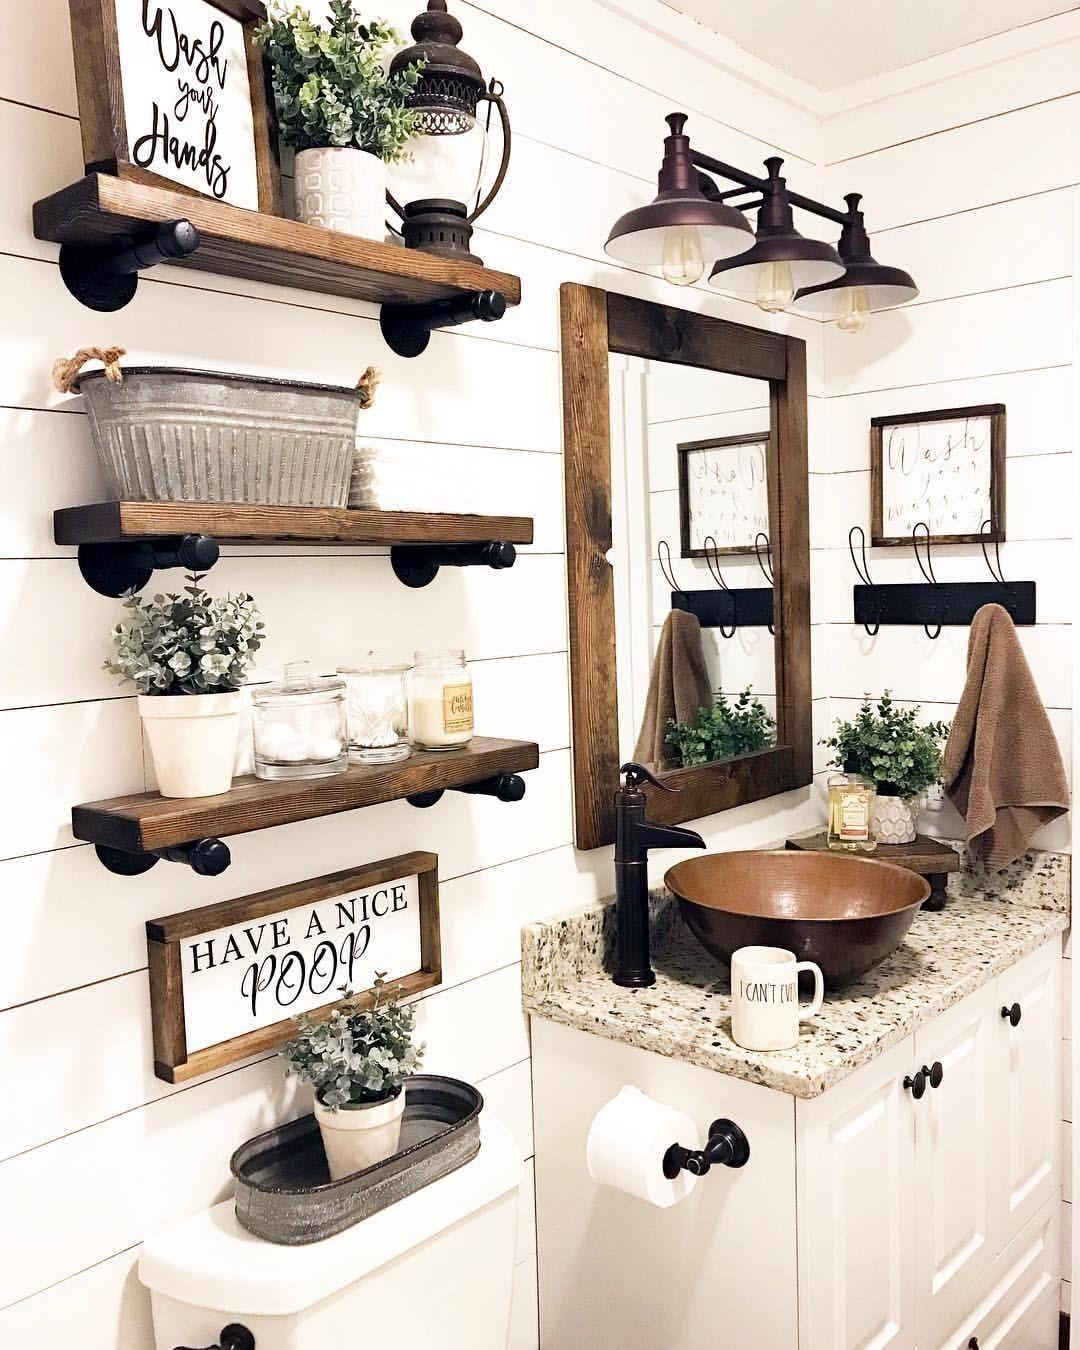 25 Farmhouse Bathroom Ideas For Bathroom Remodel - M21